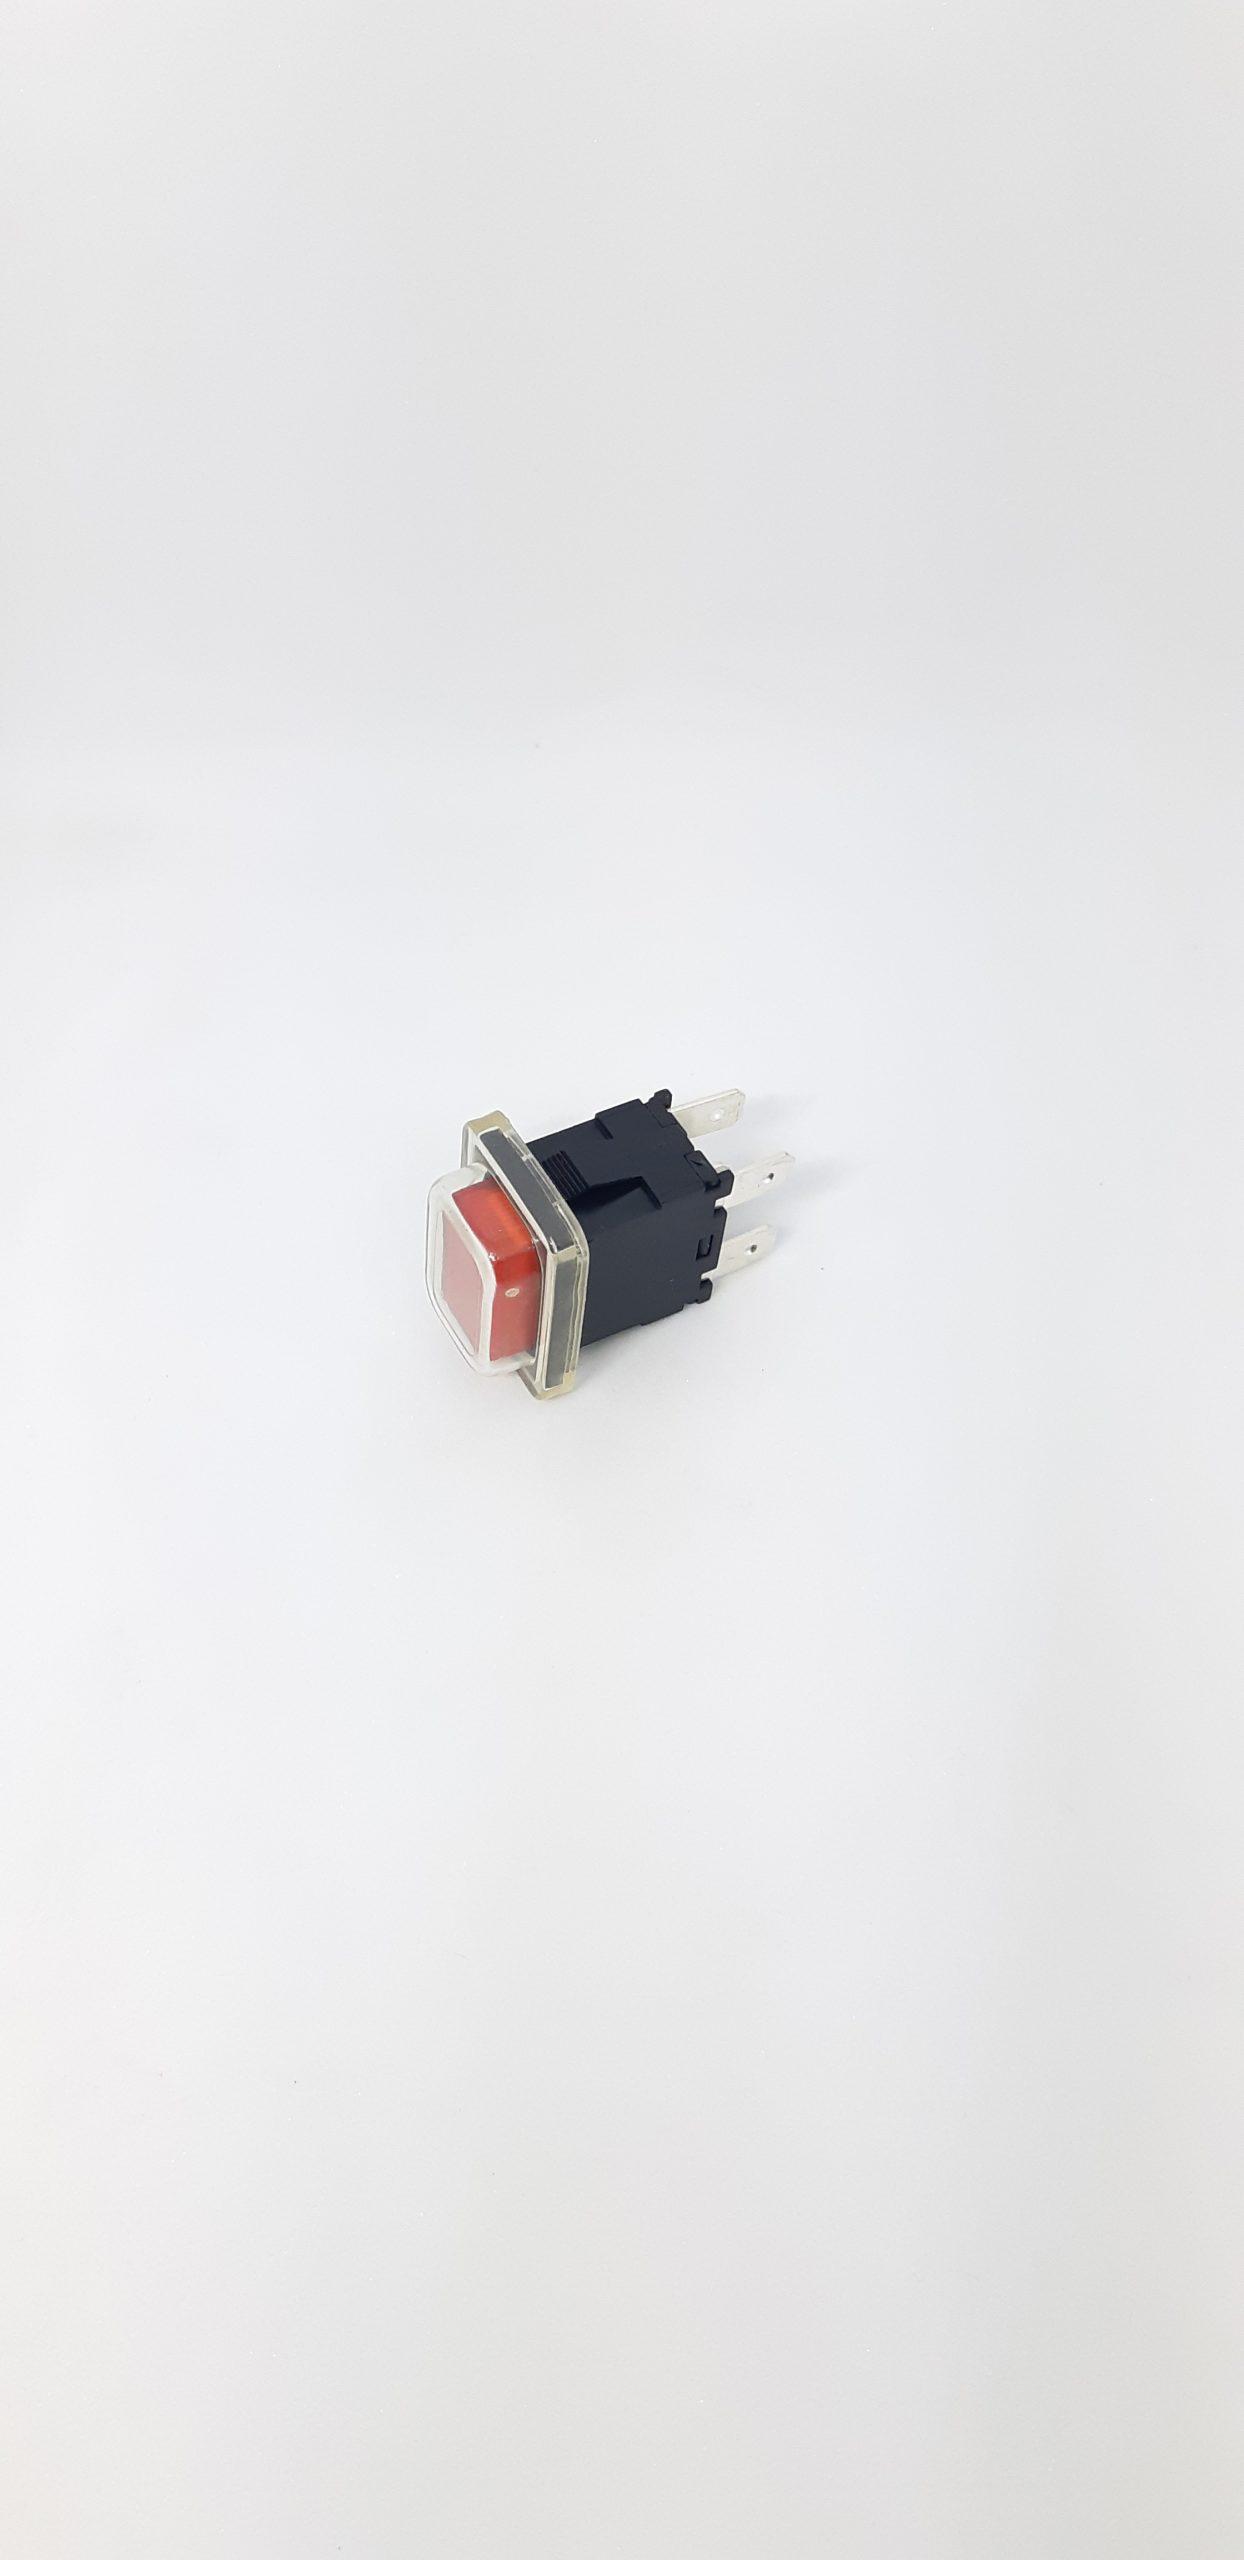 Биполярен бутон за включване Lb1000 - 10079759